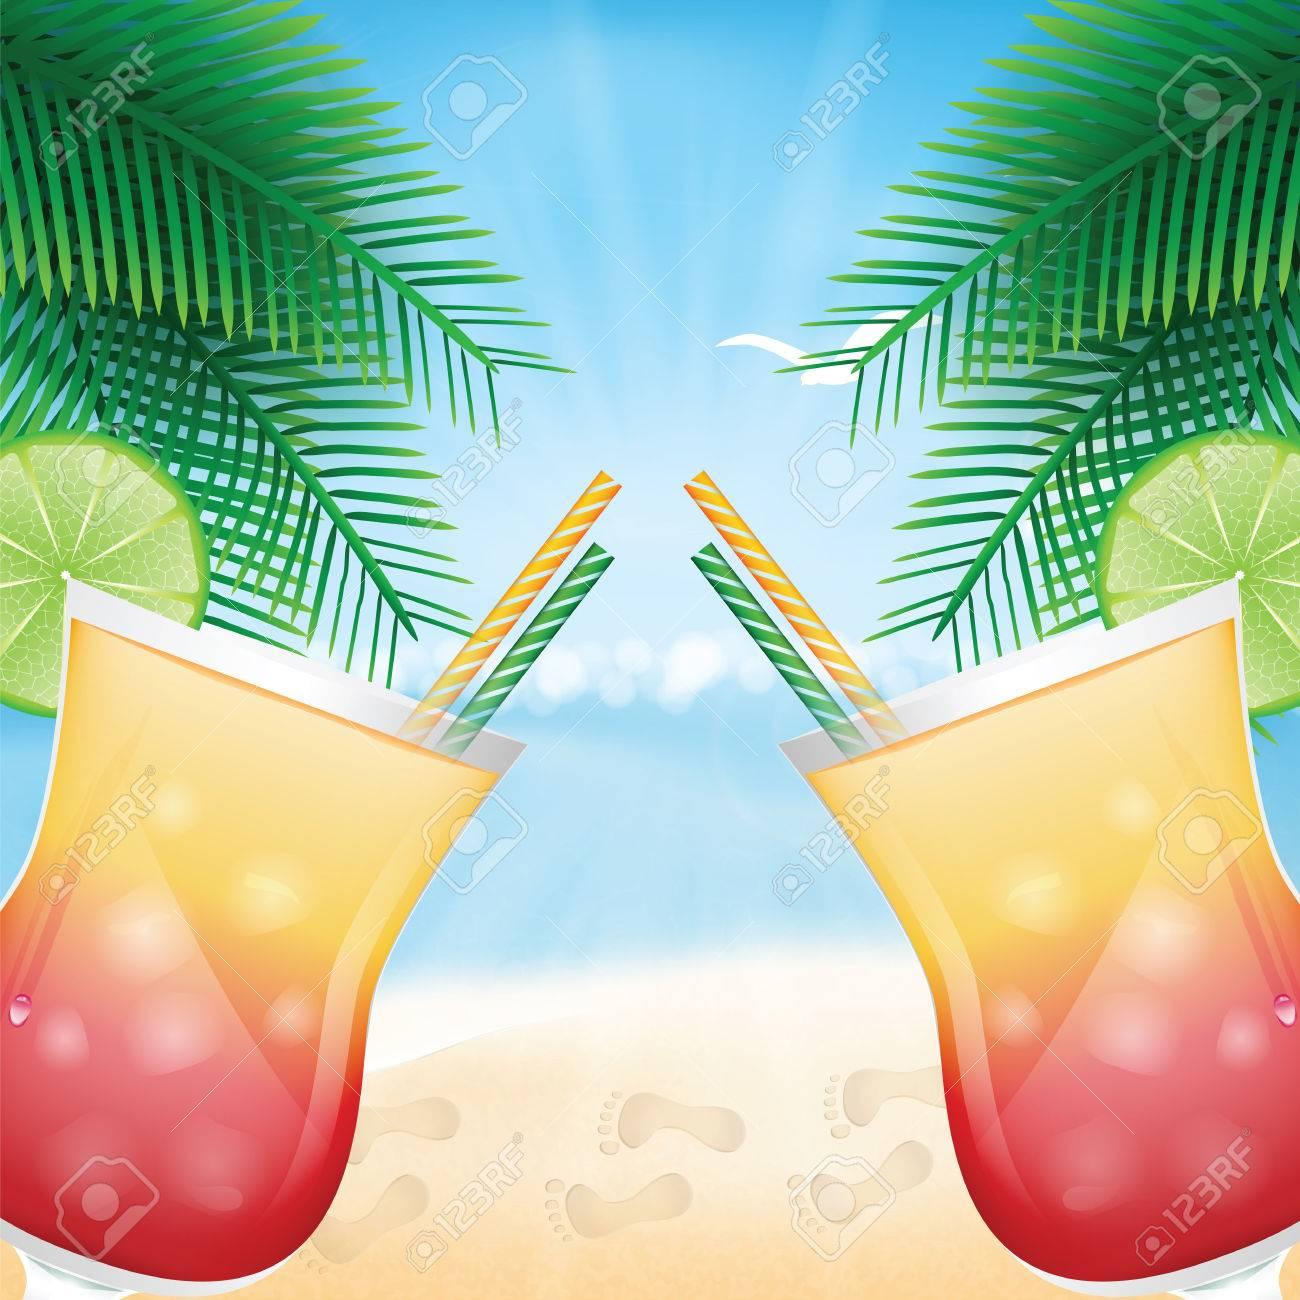 Entwerfen Sie Ein Menü Für Sommergetränke. Cocktails Auf Dem ...